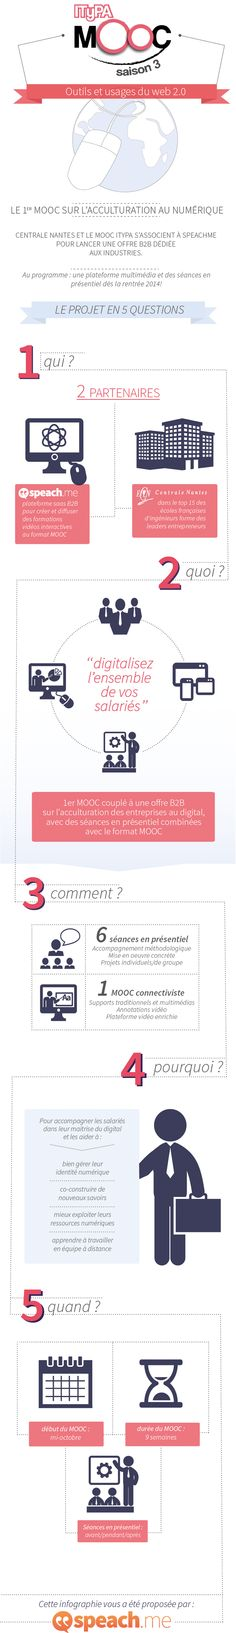 Infographie pour le MOOC ITyPA saison 3 en partenariat avec SpeachMe